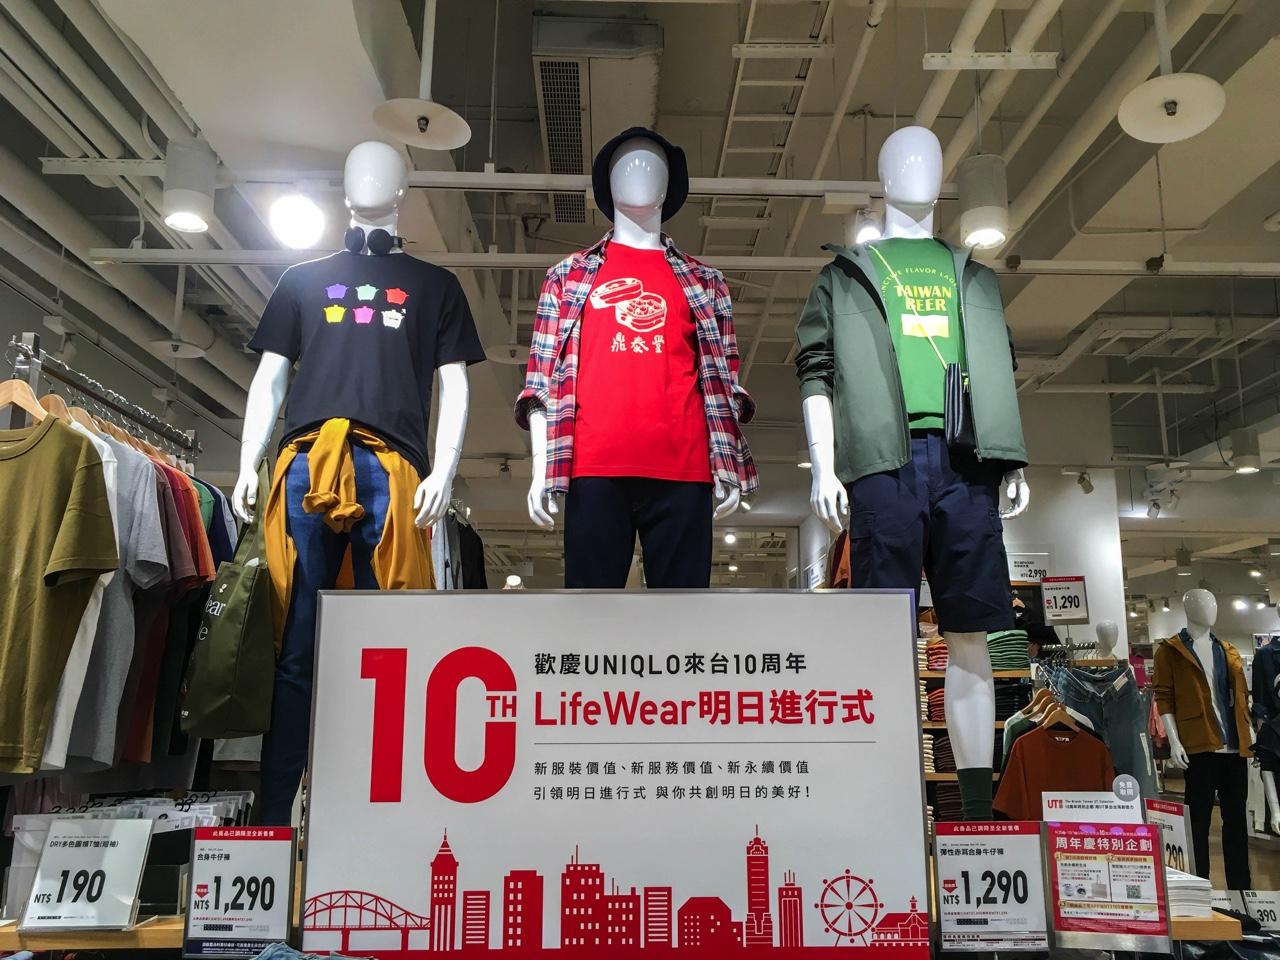 台湾のユニクロ